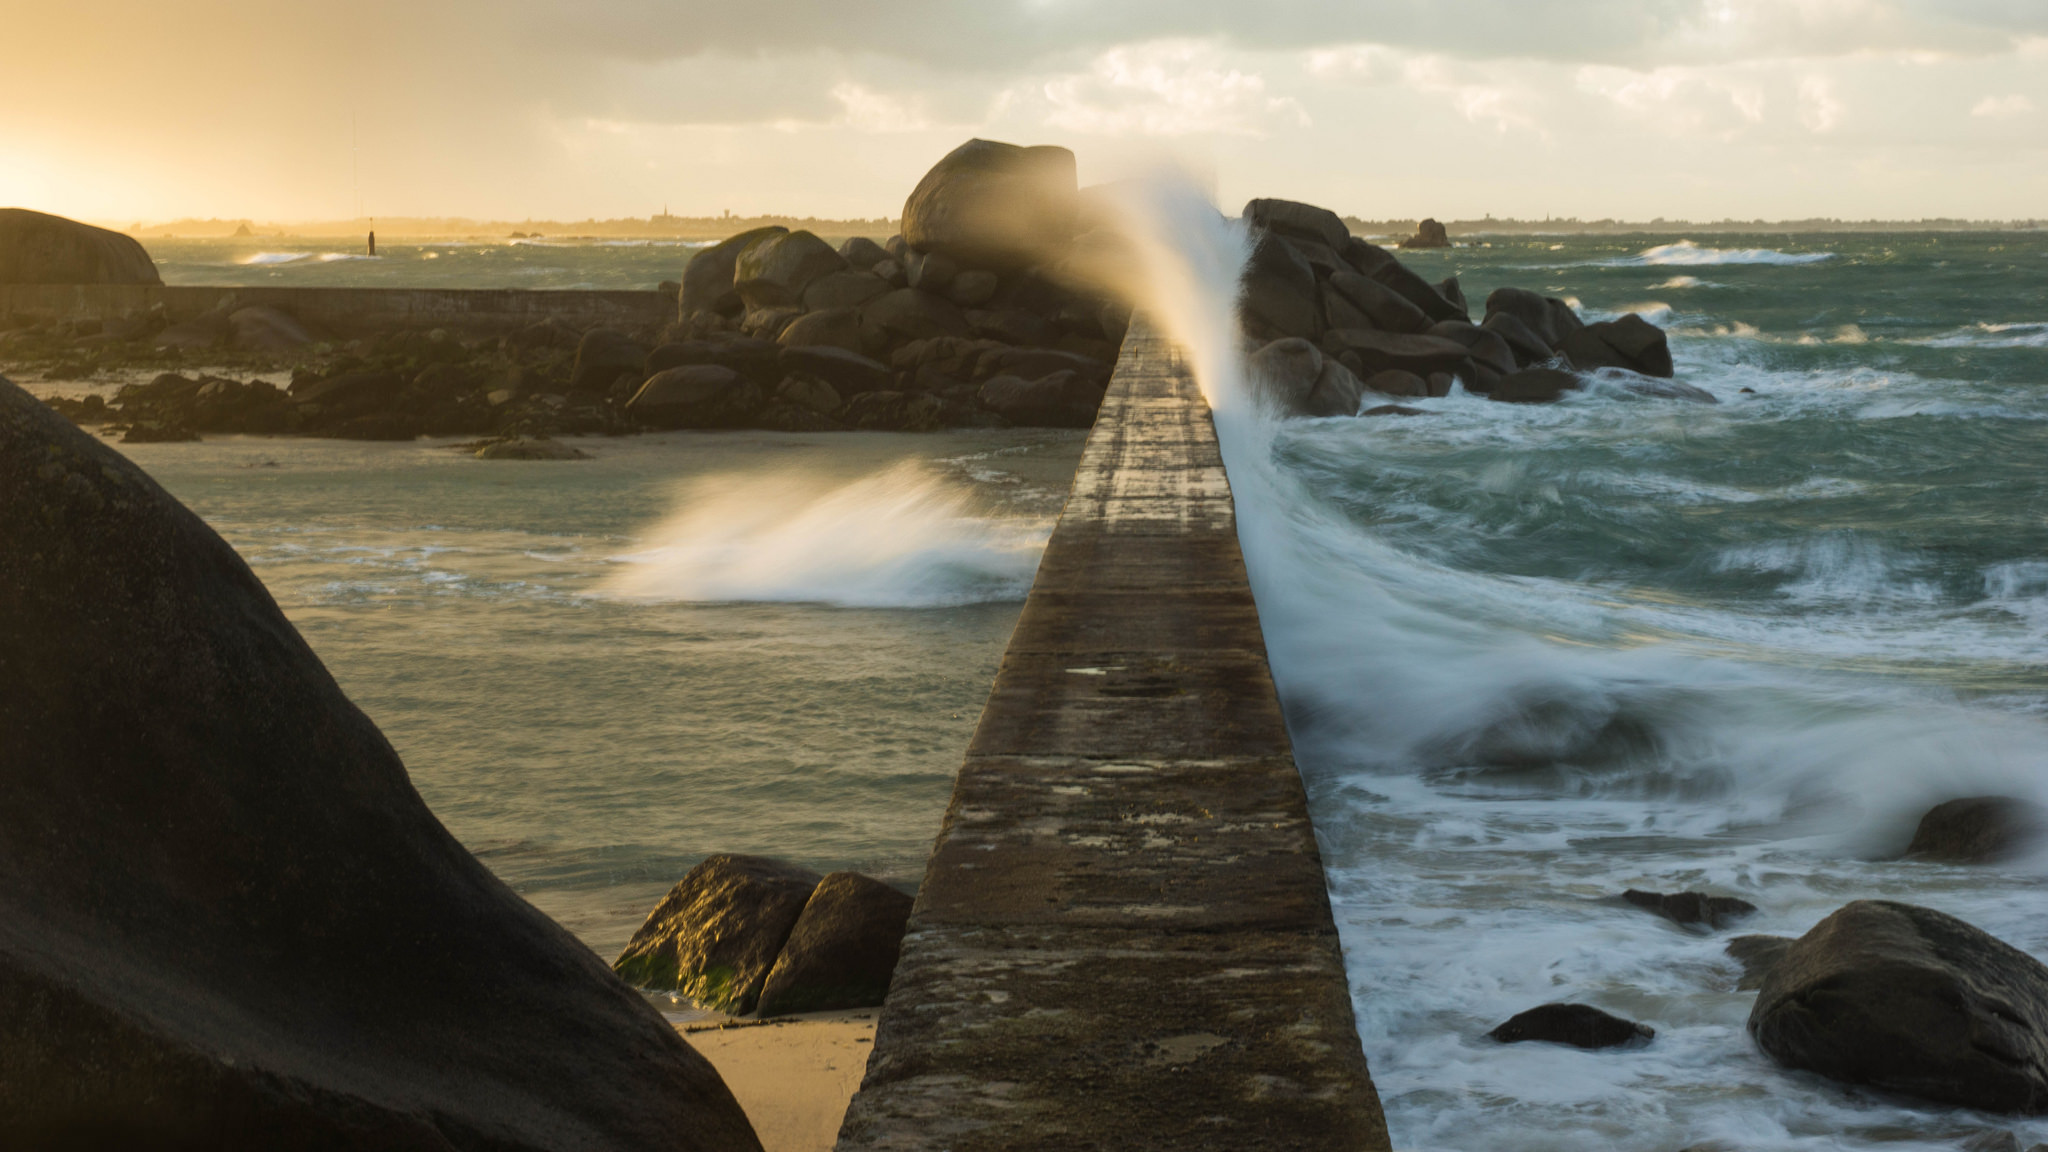 sea wall, hard engineering